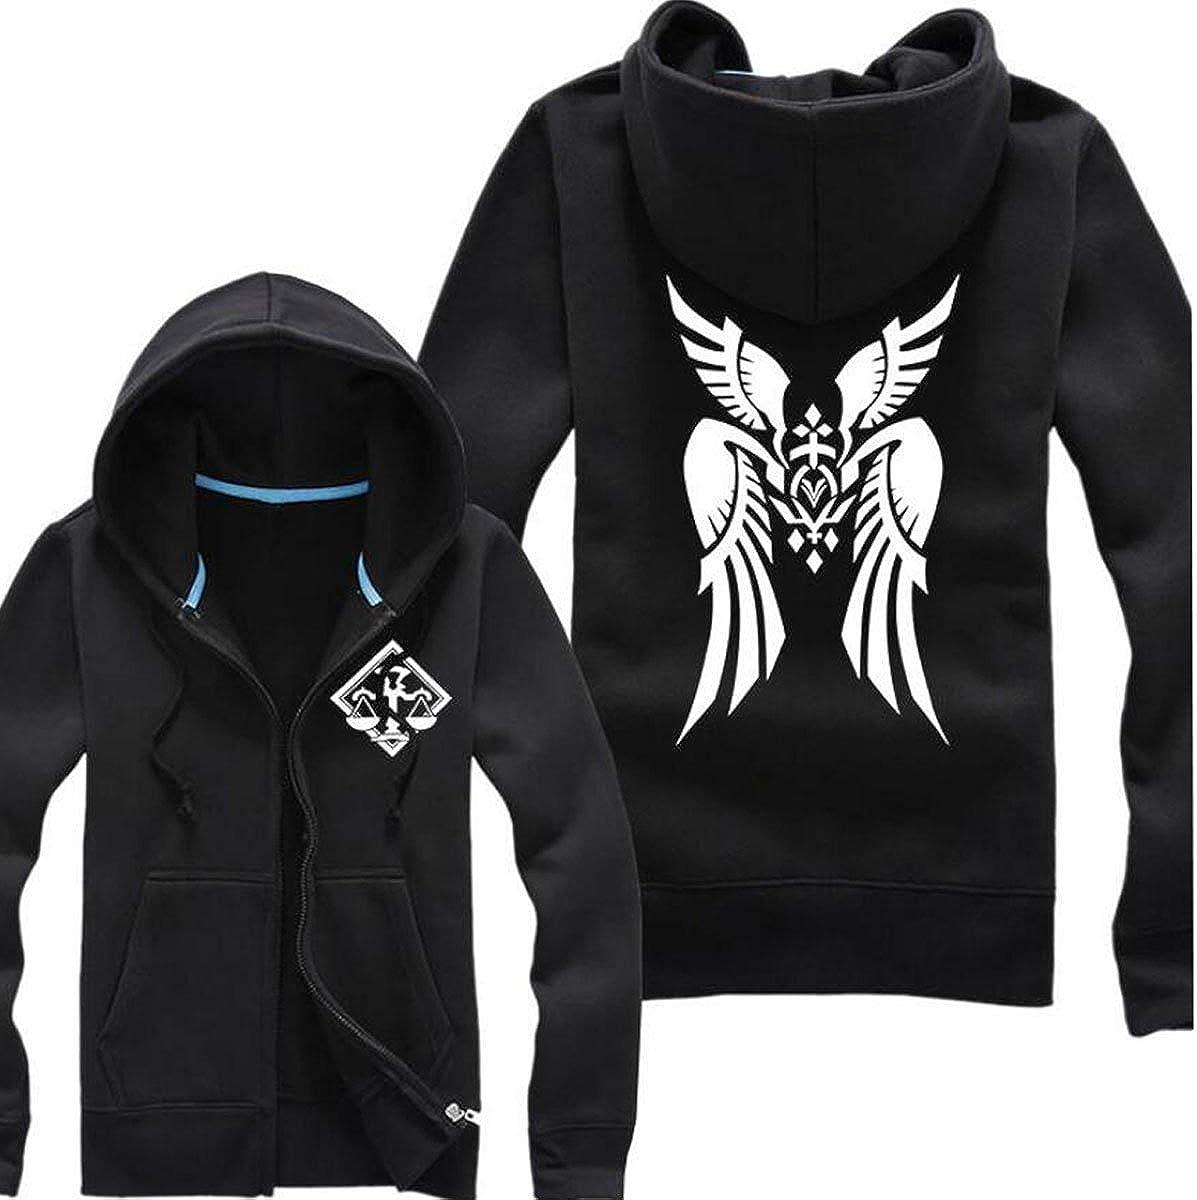 Fate grand order Cu Chulainn Zipper Anime Hoodie Sweatshirt Jacket Coat Casual